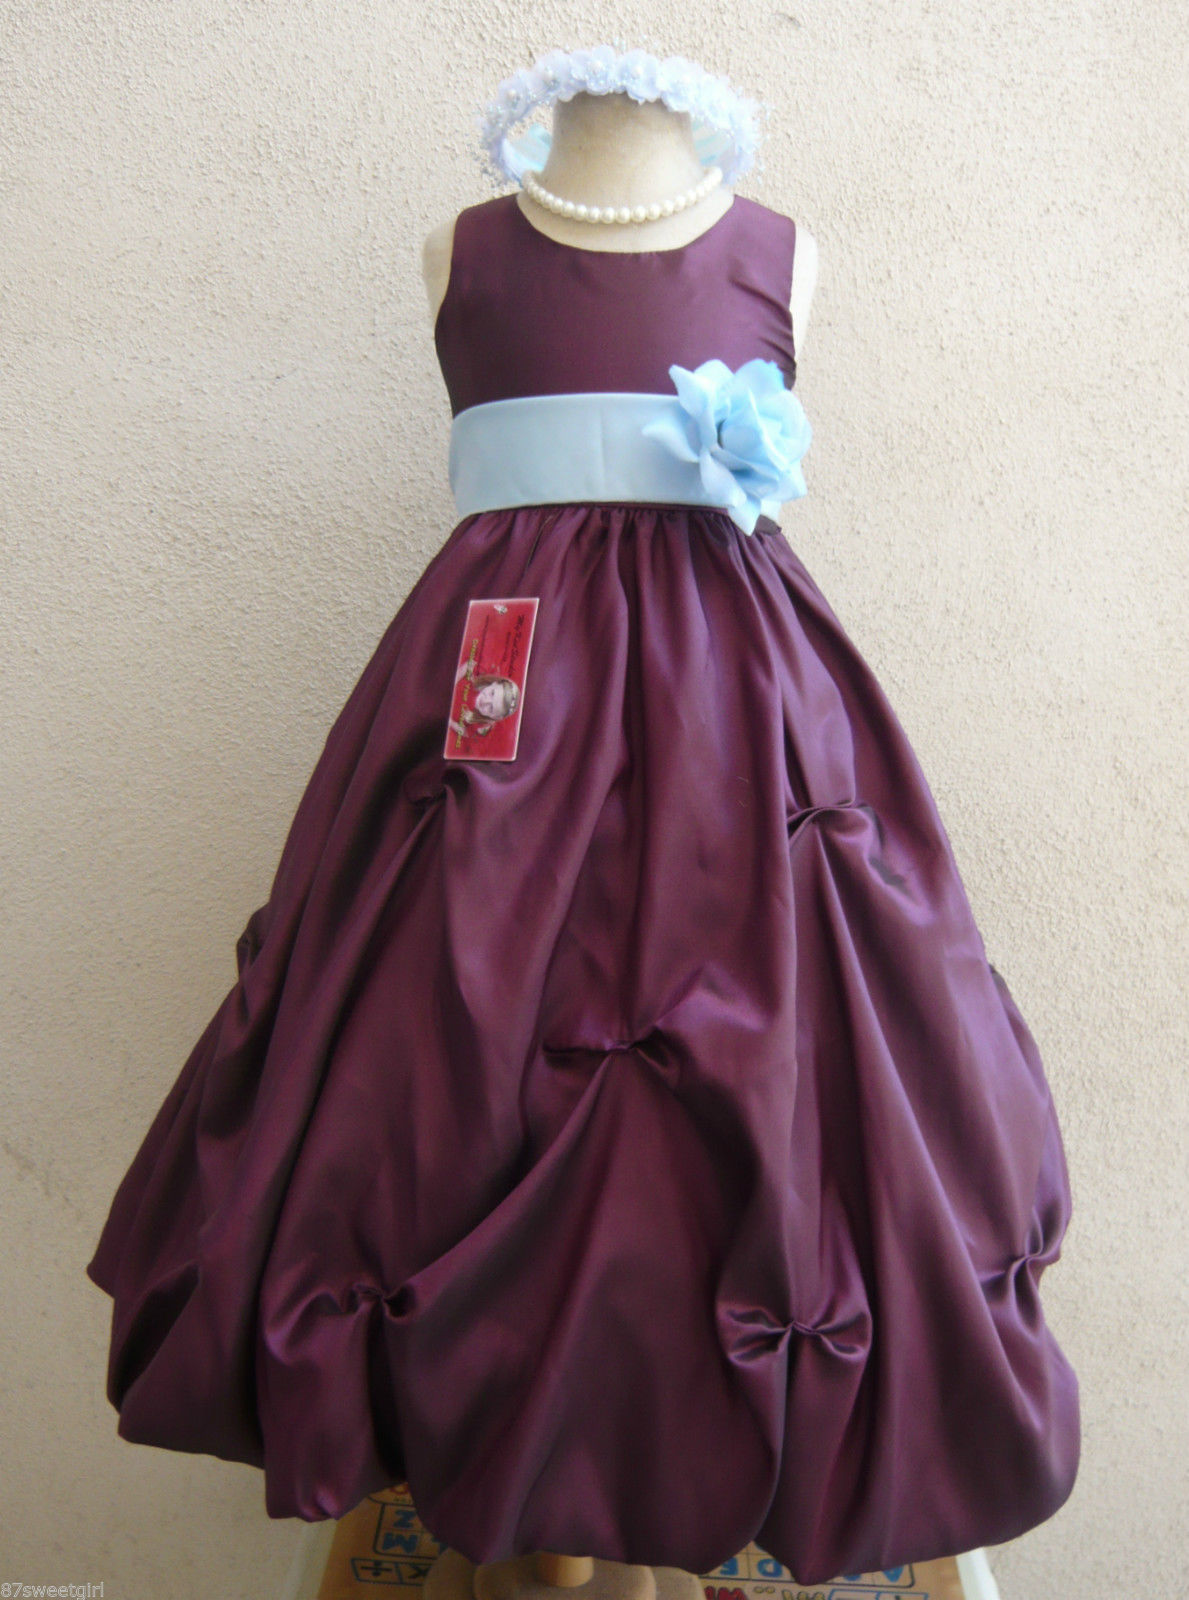 PURPLE PLUM RED EASTER BRIDAL BIRTHDAY TODDLER FLOWER GIRL DRESS PO1 Dresses